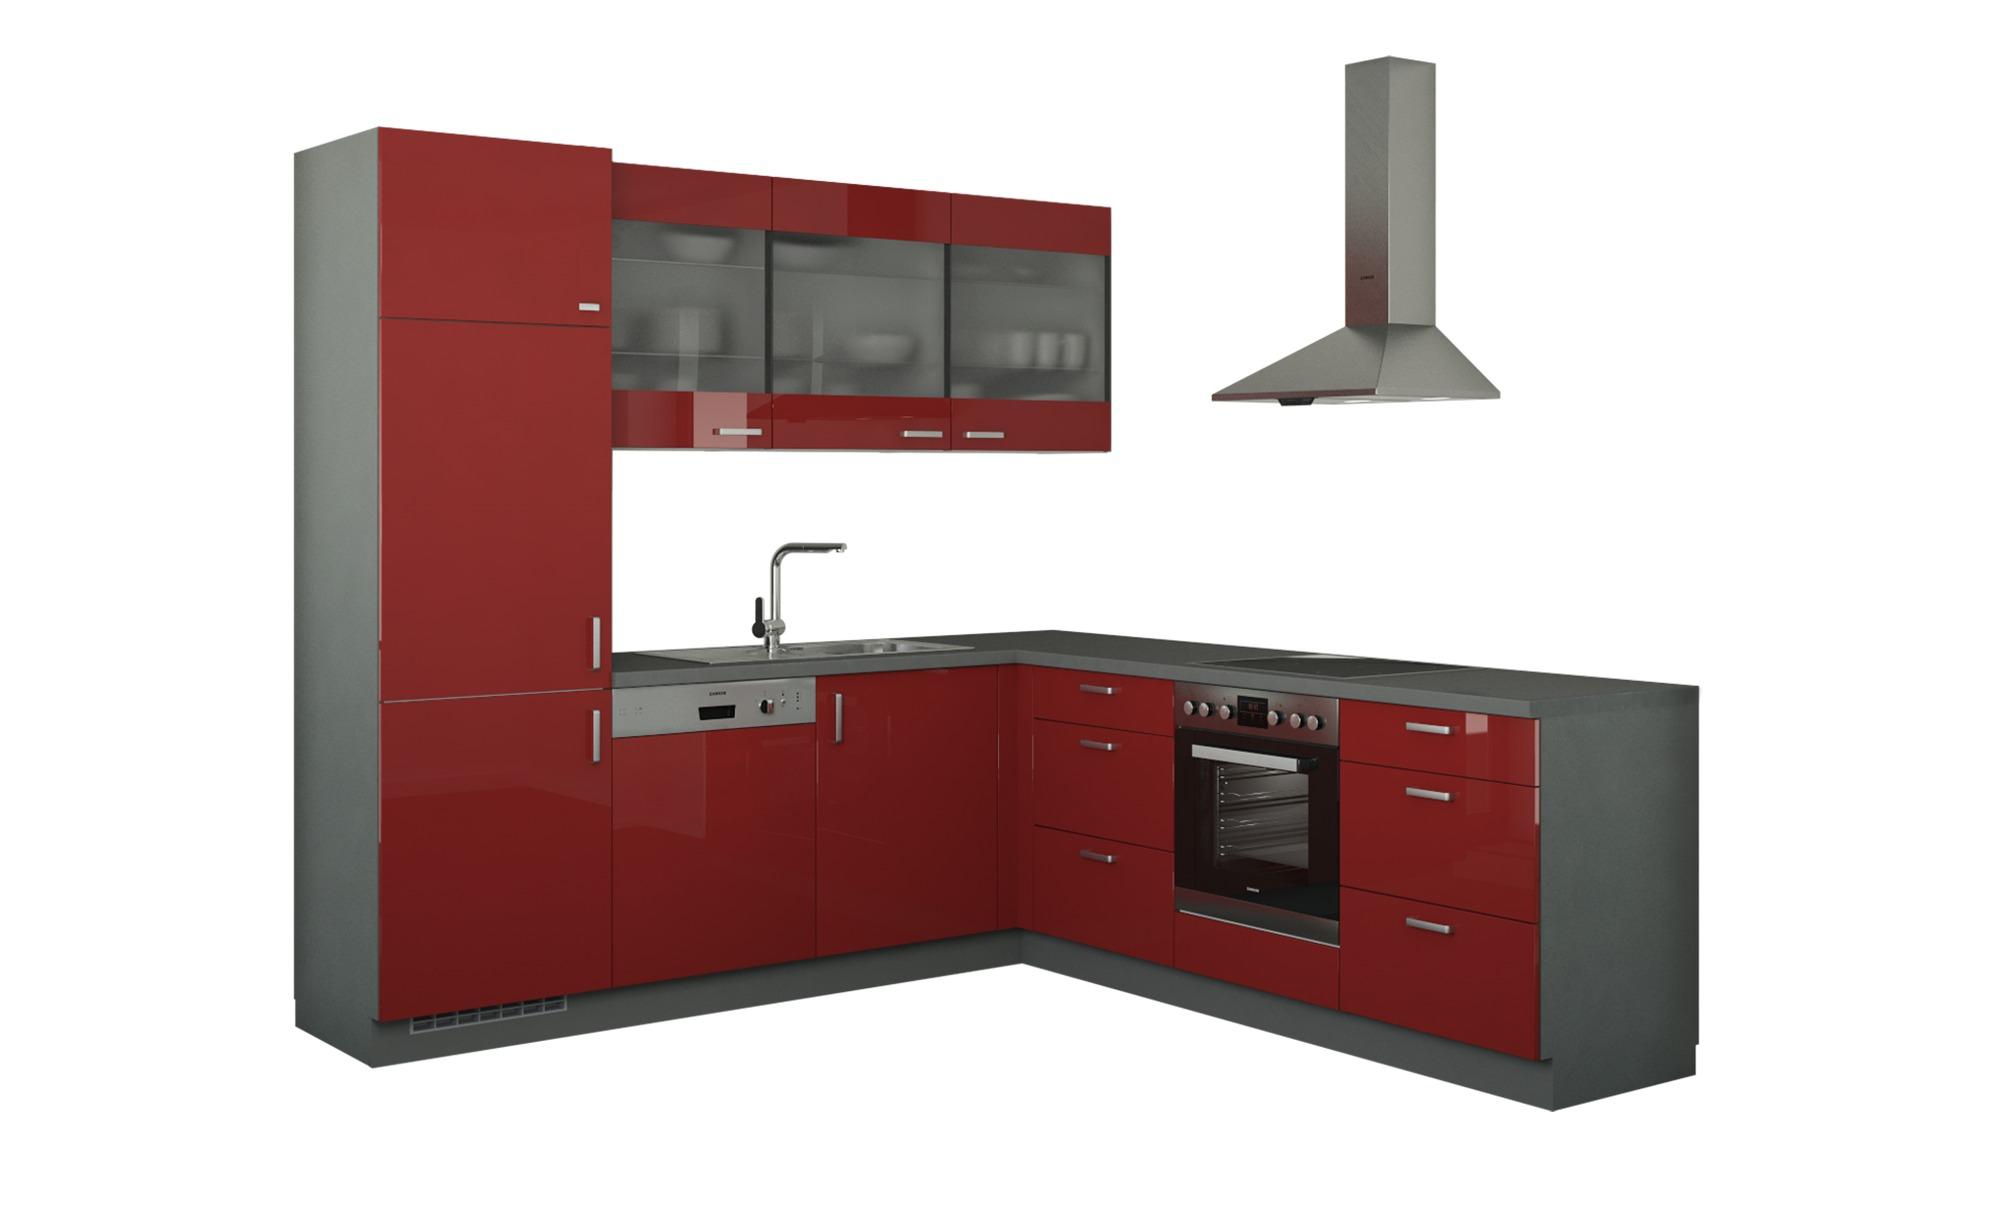 Winkelküche ohne Elektrogeräte  Sylt ¦ rot Küchen > Küchenblöcke ohne E-Geräte - Höffner | Küche und Esszimmer > Küchen > Winkelküchen | Möbel Höffner DE